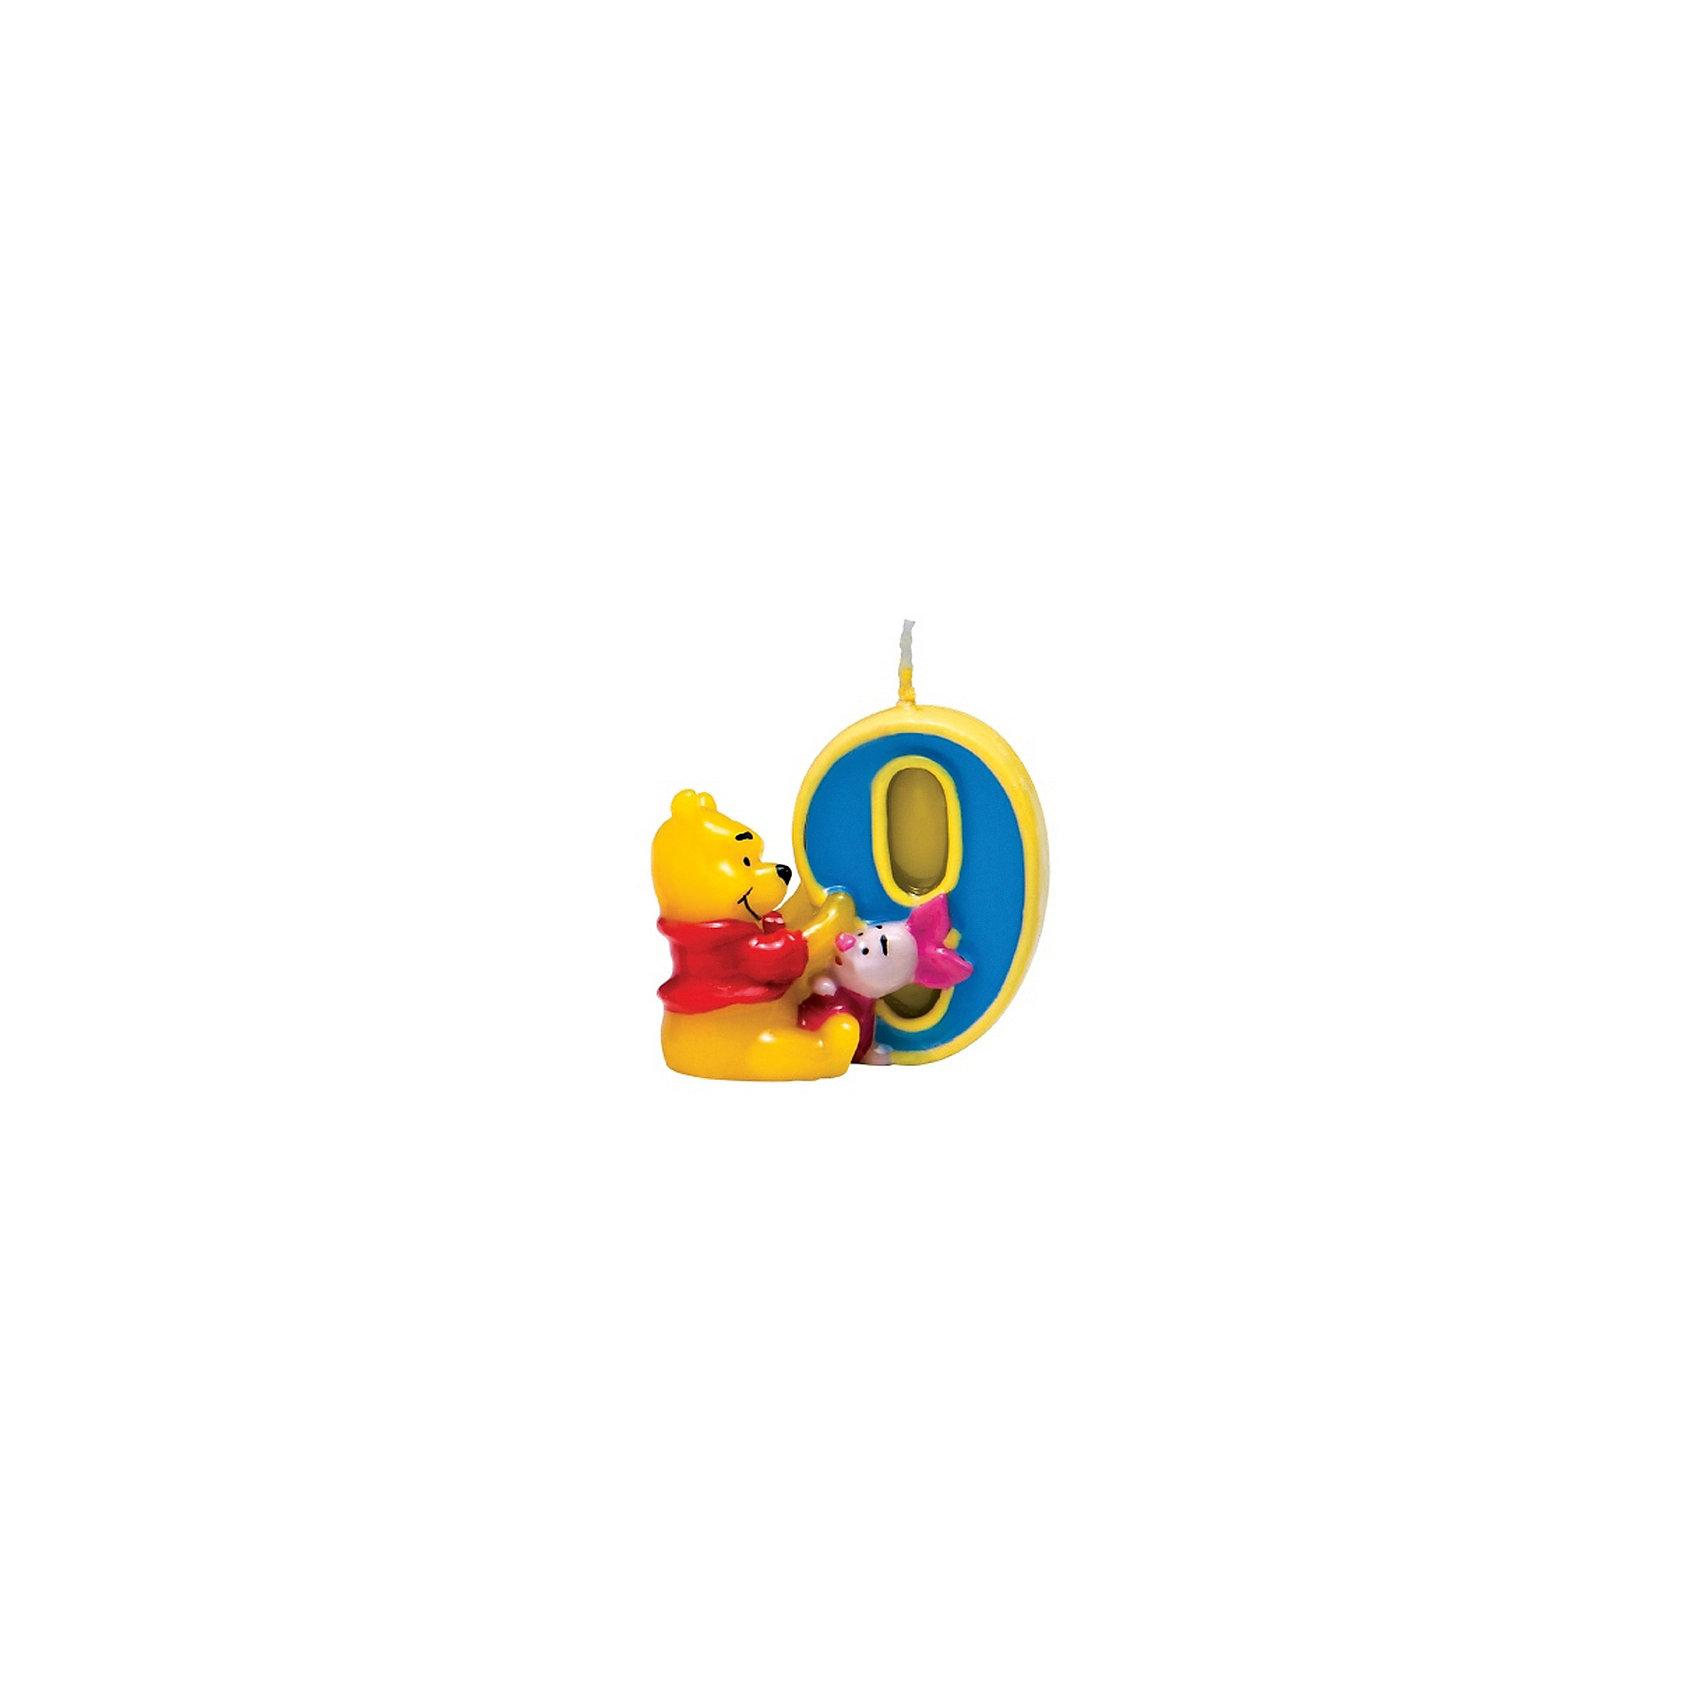 Procos Объемная свечка Винни 9 летDisney Винни Пух<br>Объемная свечка в форме цифры, с изображением любимого героя - используется в оформлениях кондитерских изделий!<br><br>Ширина мм: 85<br>Глубина мм: 35<br>Высота мм: 130<br>Вес г: 33<br>Возраст от месяцев: 36<br>Возраст до месяцев: 168<br>Пол: Унисекс<br>Возраст: Детский<br>SKU: 2431266